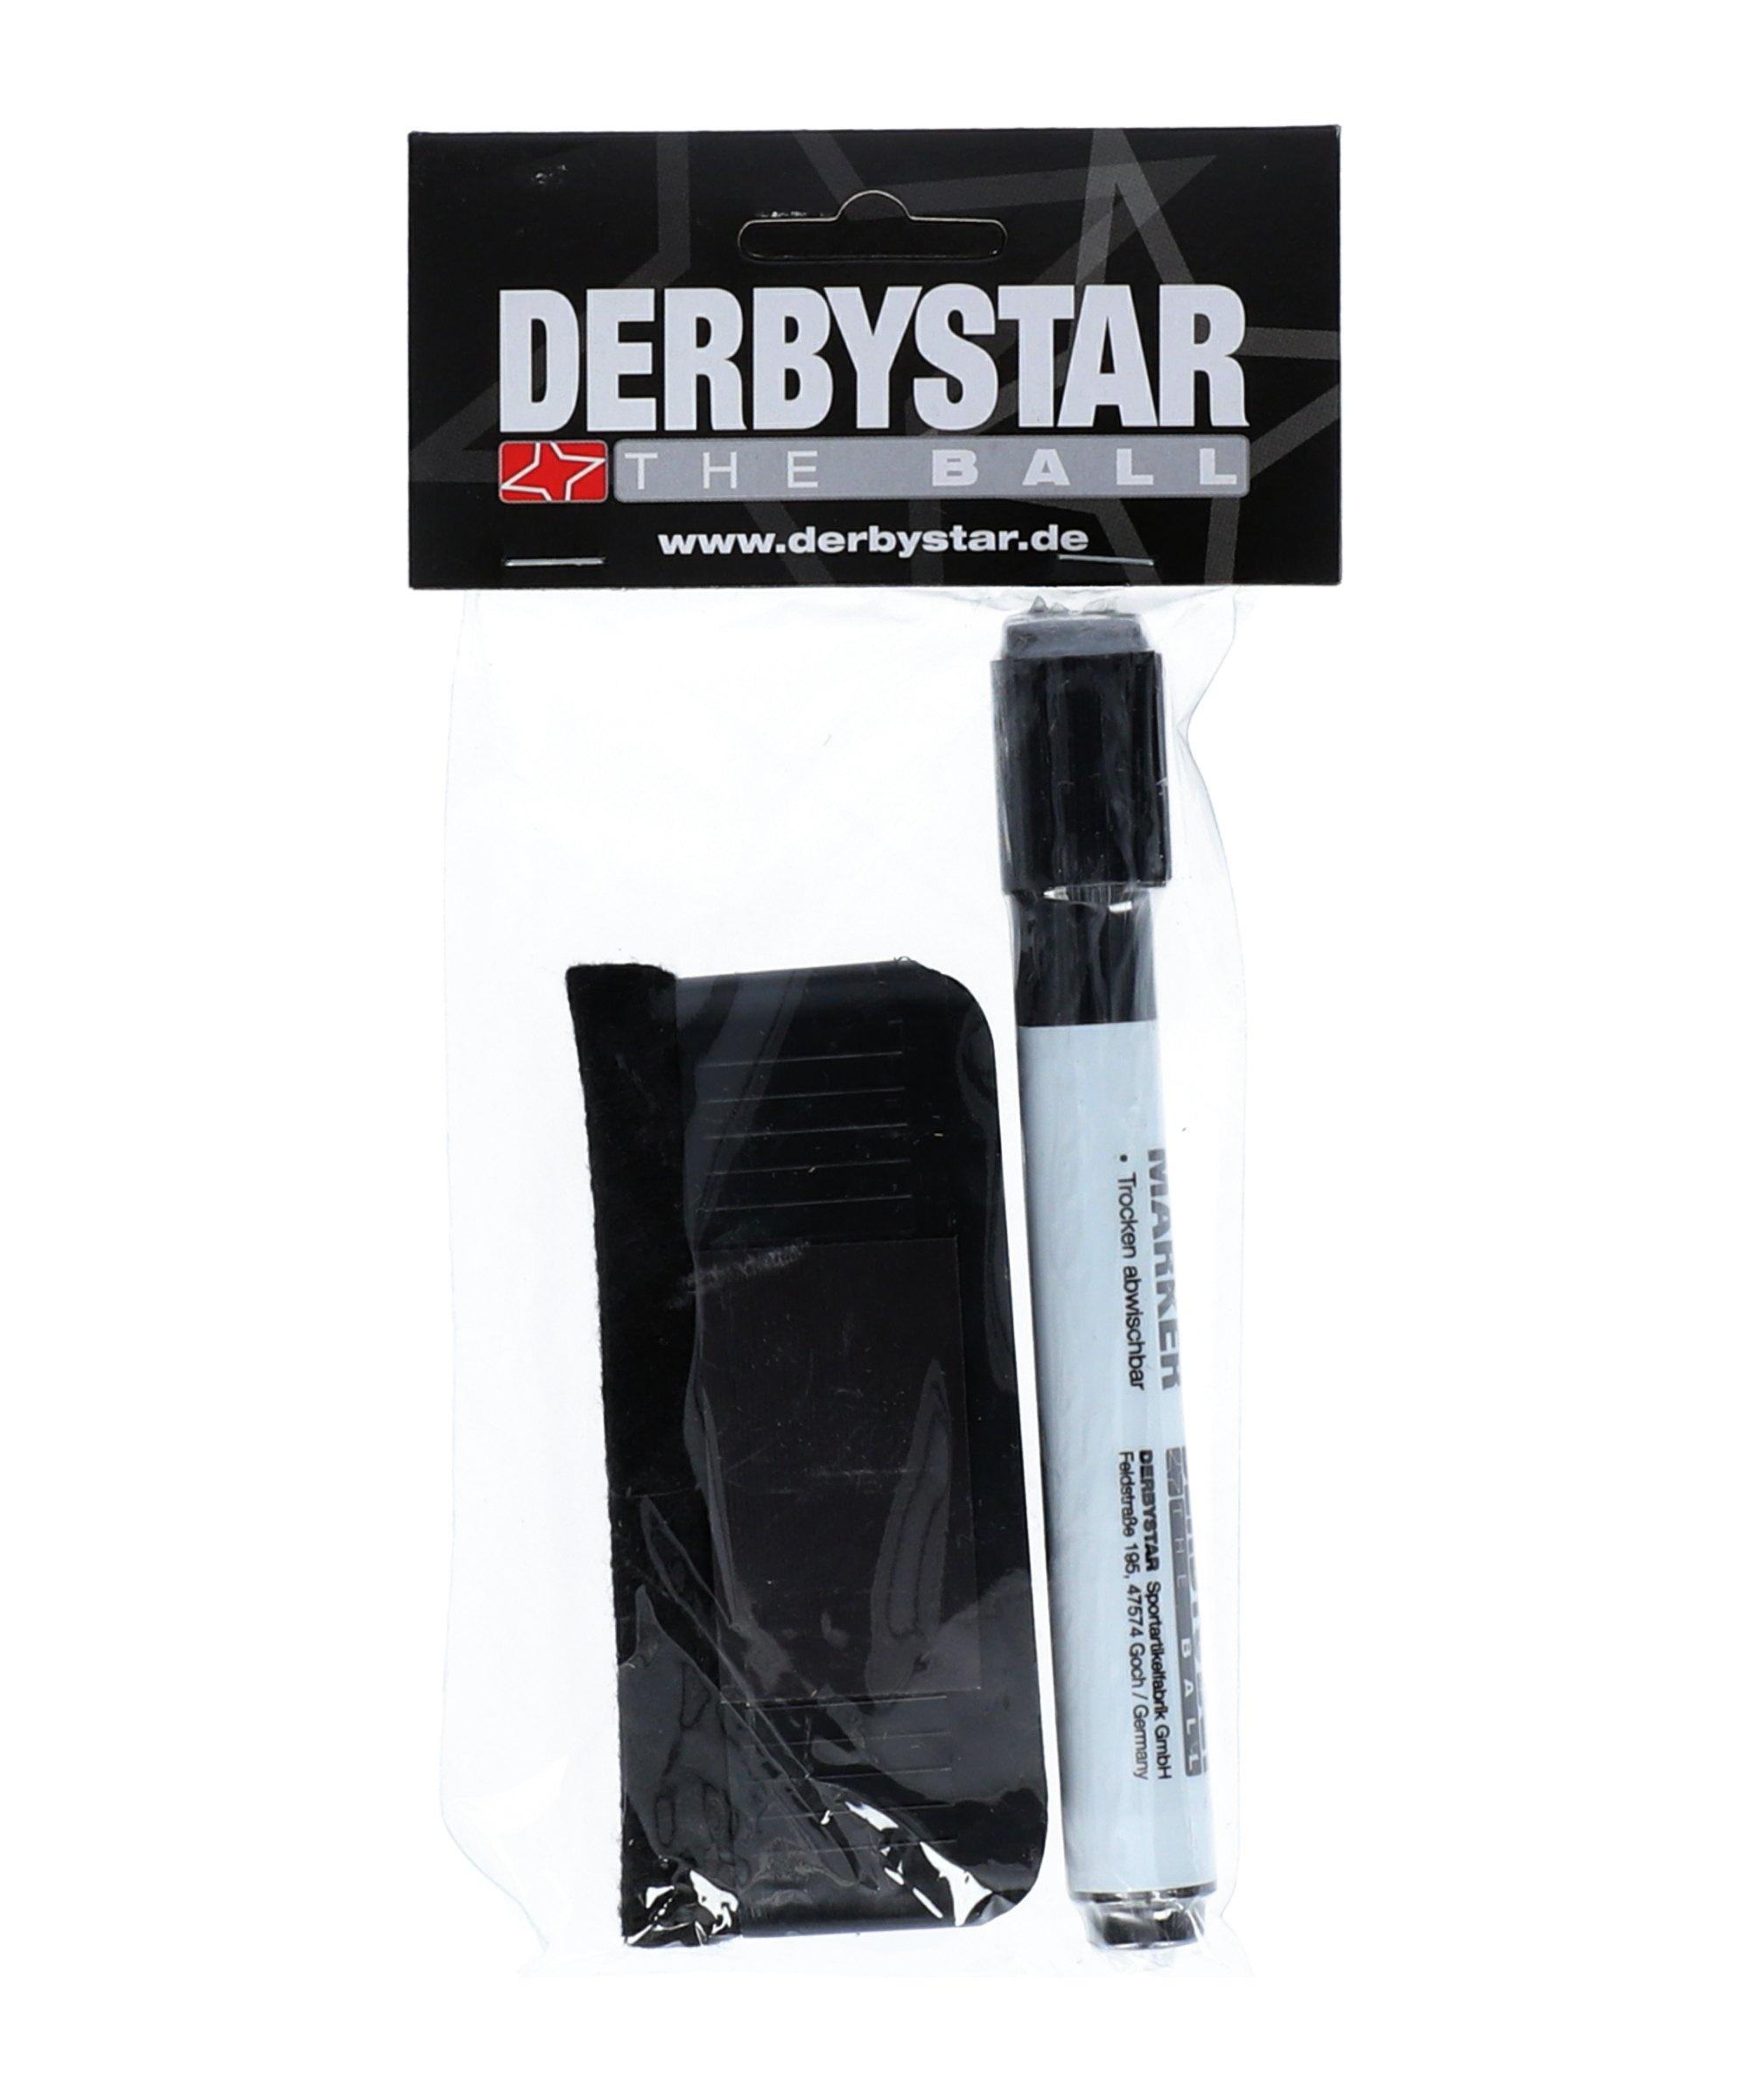 Derbystar Zubehörset Spielplanfolie Weiss F670 - weiss